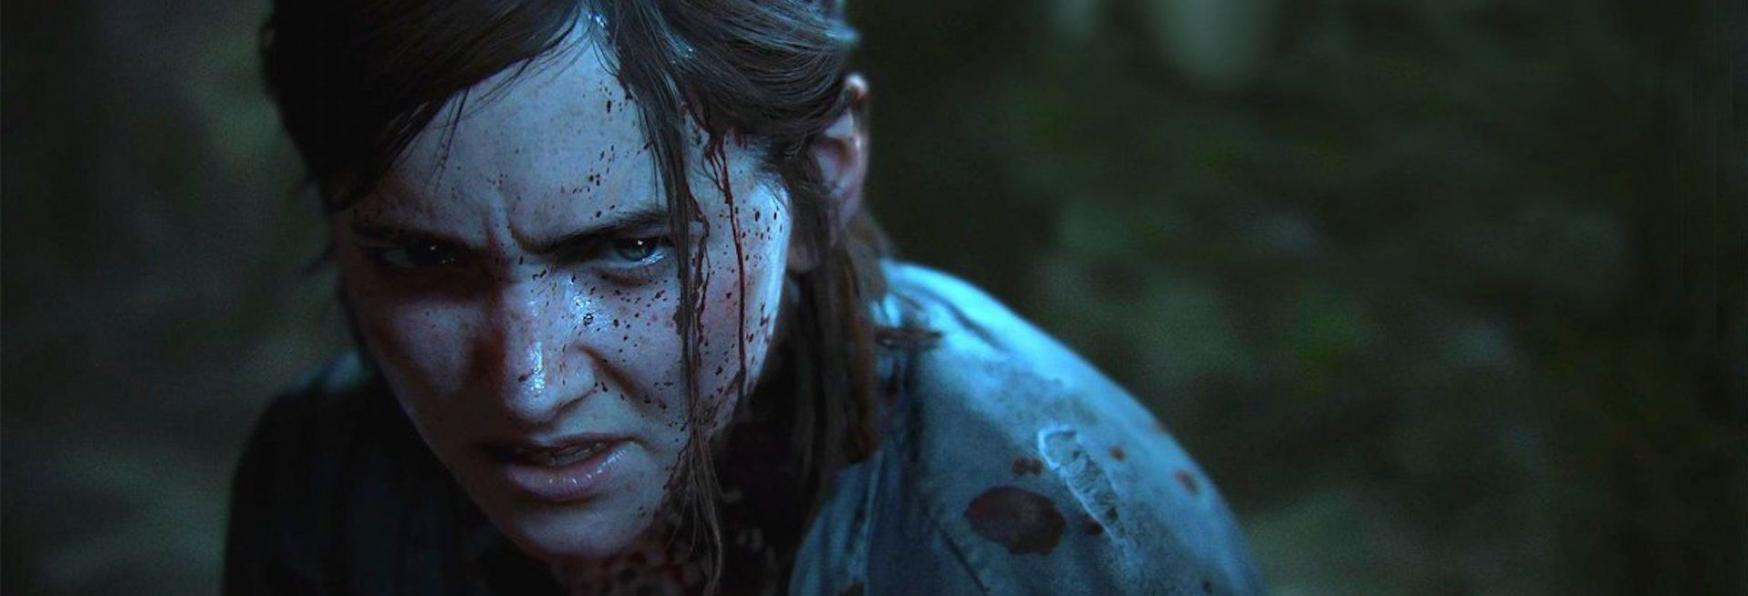 The Last of Us: ecco Quando Iniziano le Riprese della Serie TV targata HBO